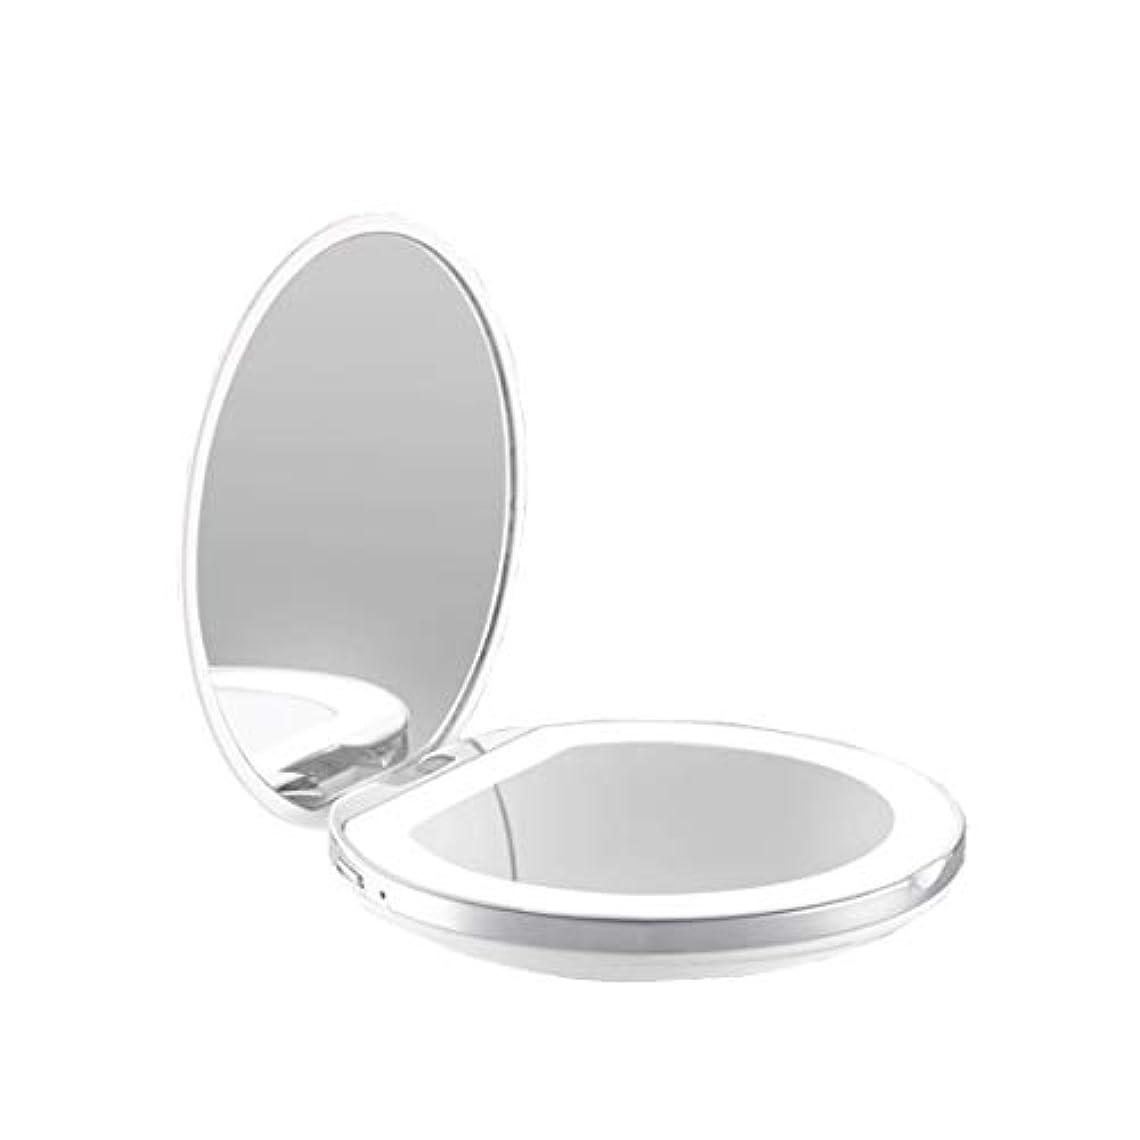 キャンバスエンディング延ばす手鏡 両面鏡 ライト付きミラー 女優ミラー 3倍拡大鏡付き お姫様 ミラー おしゃれ 卓上 LEDライト 化粧鏡 コンパクト 折り畳み式 スタンドミラー 角度調整